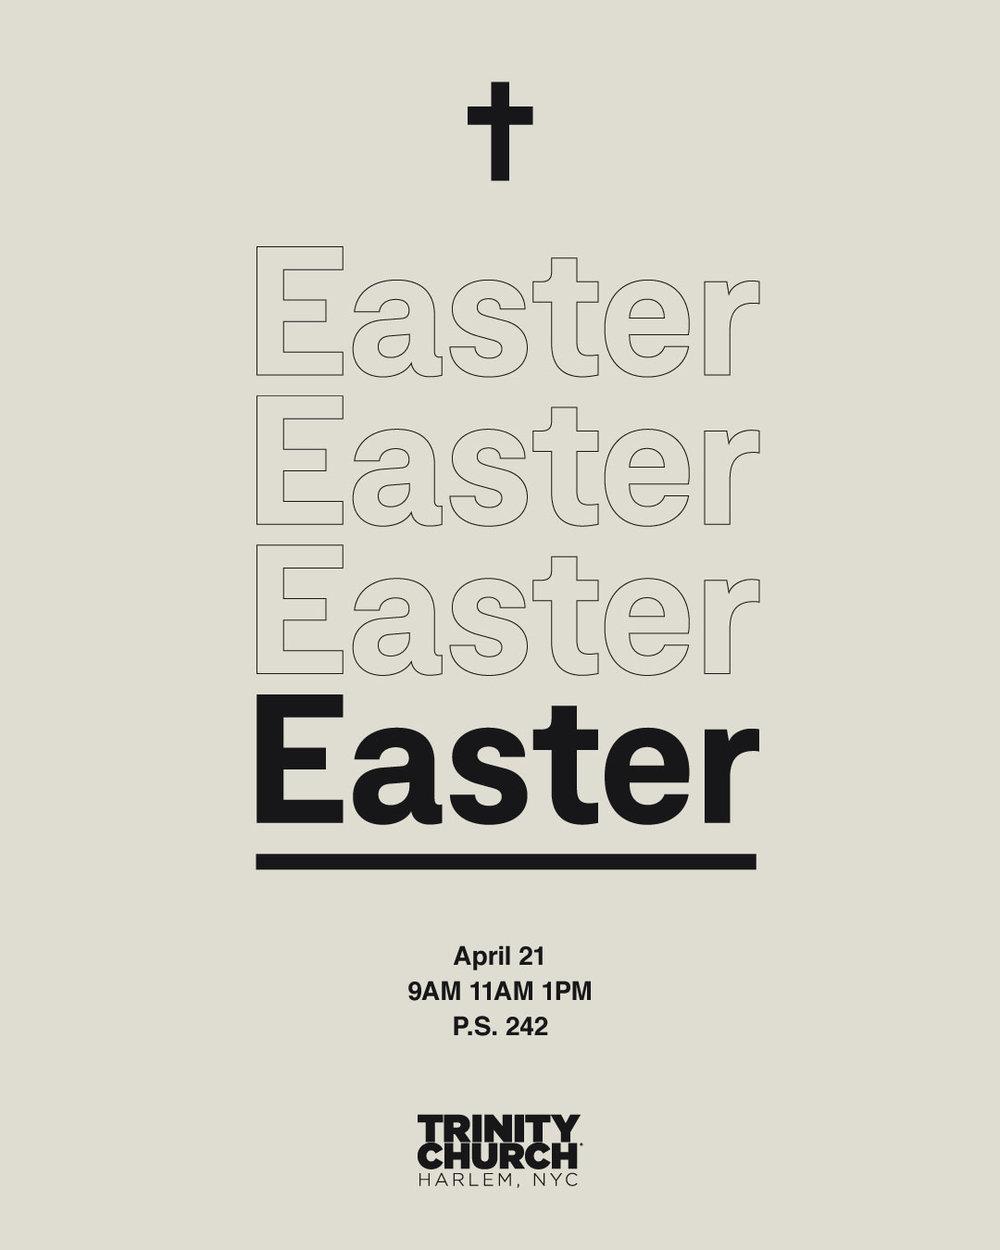 Easter_Social_Feed_01.jpg